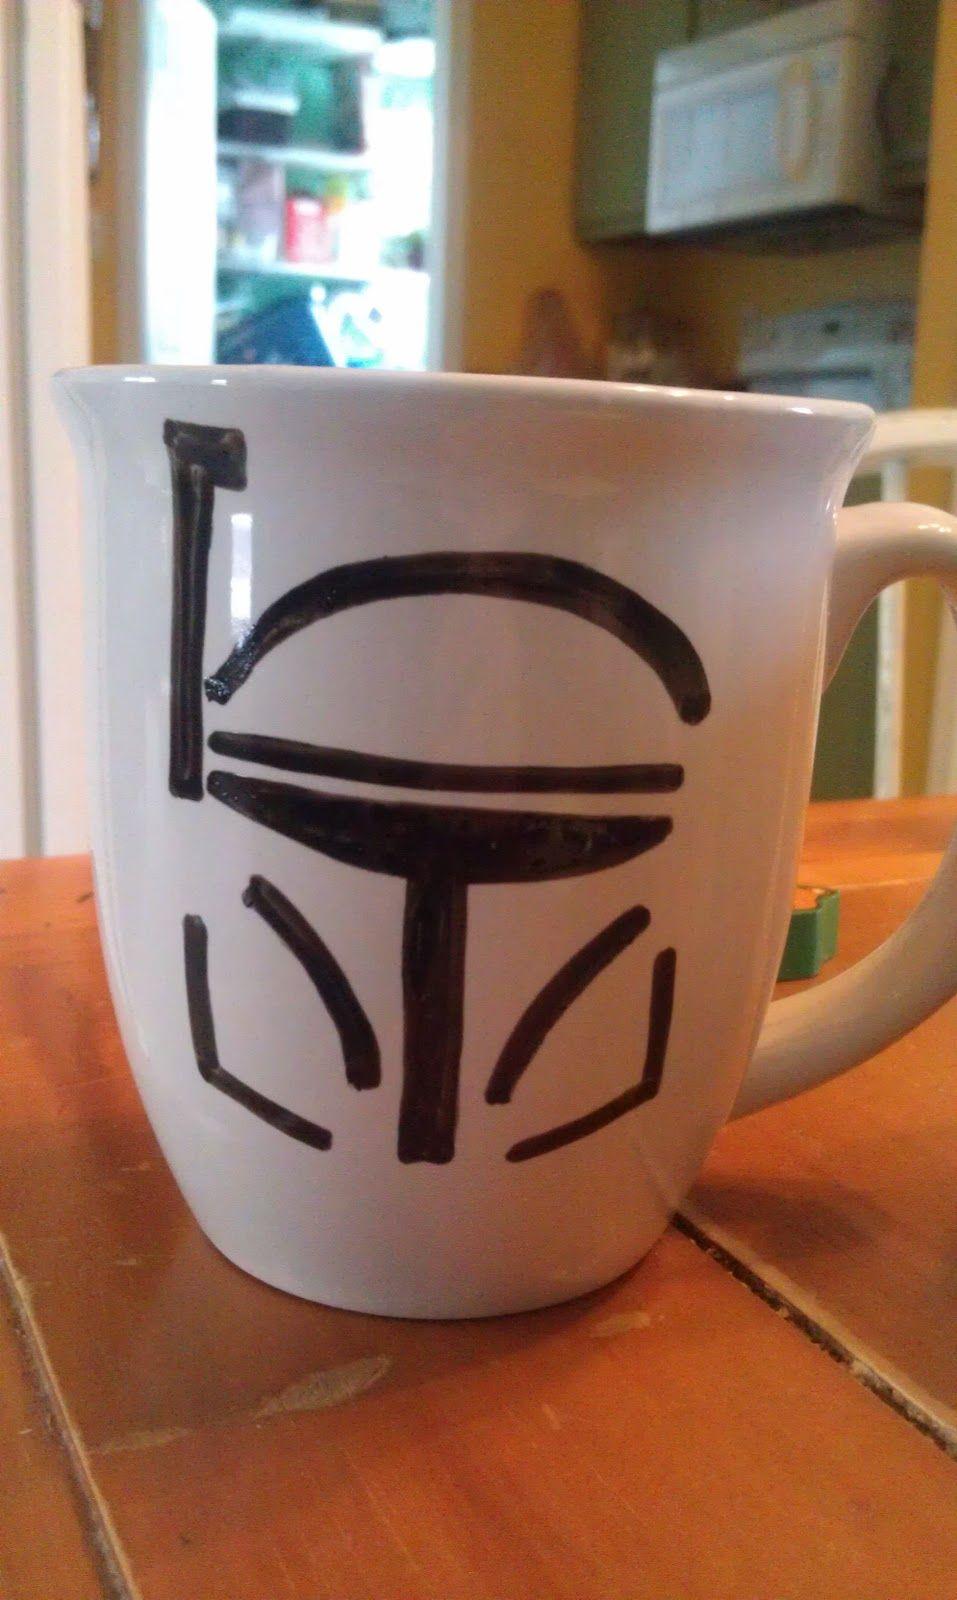 Star Wars Mugs Boo Ya 8 Each Star Wars Diy Star Wars Mugs